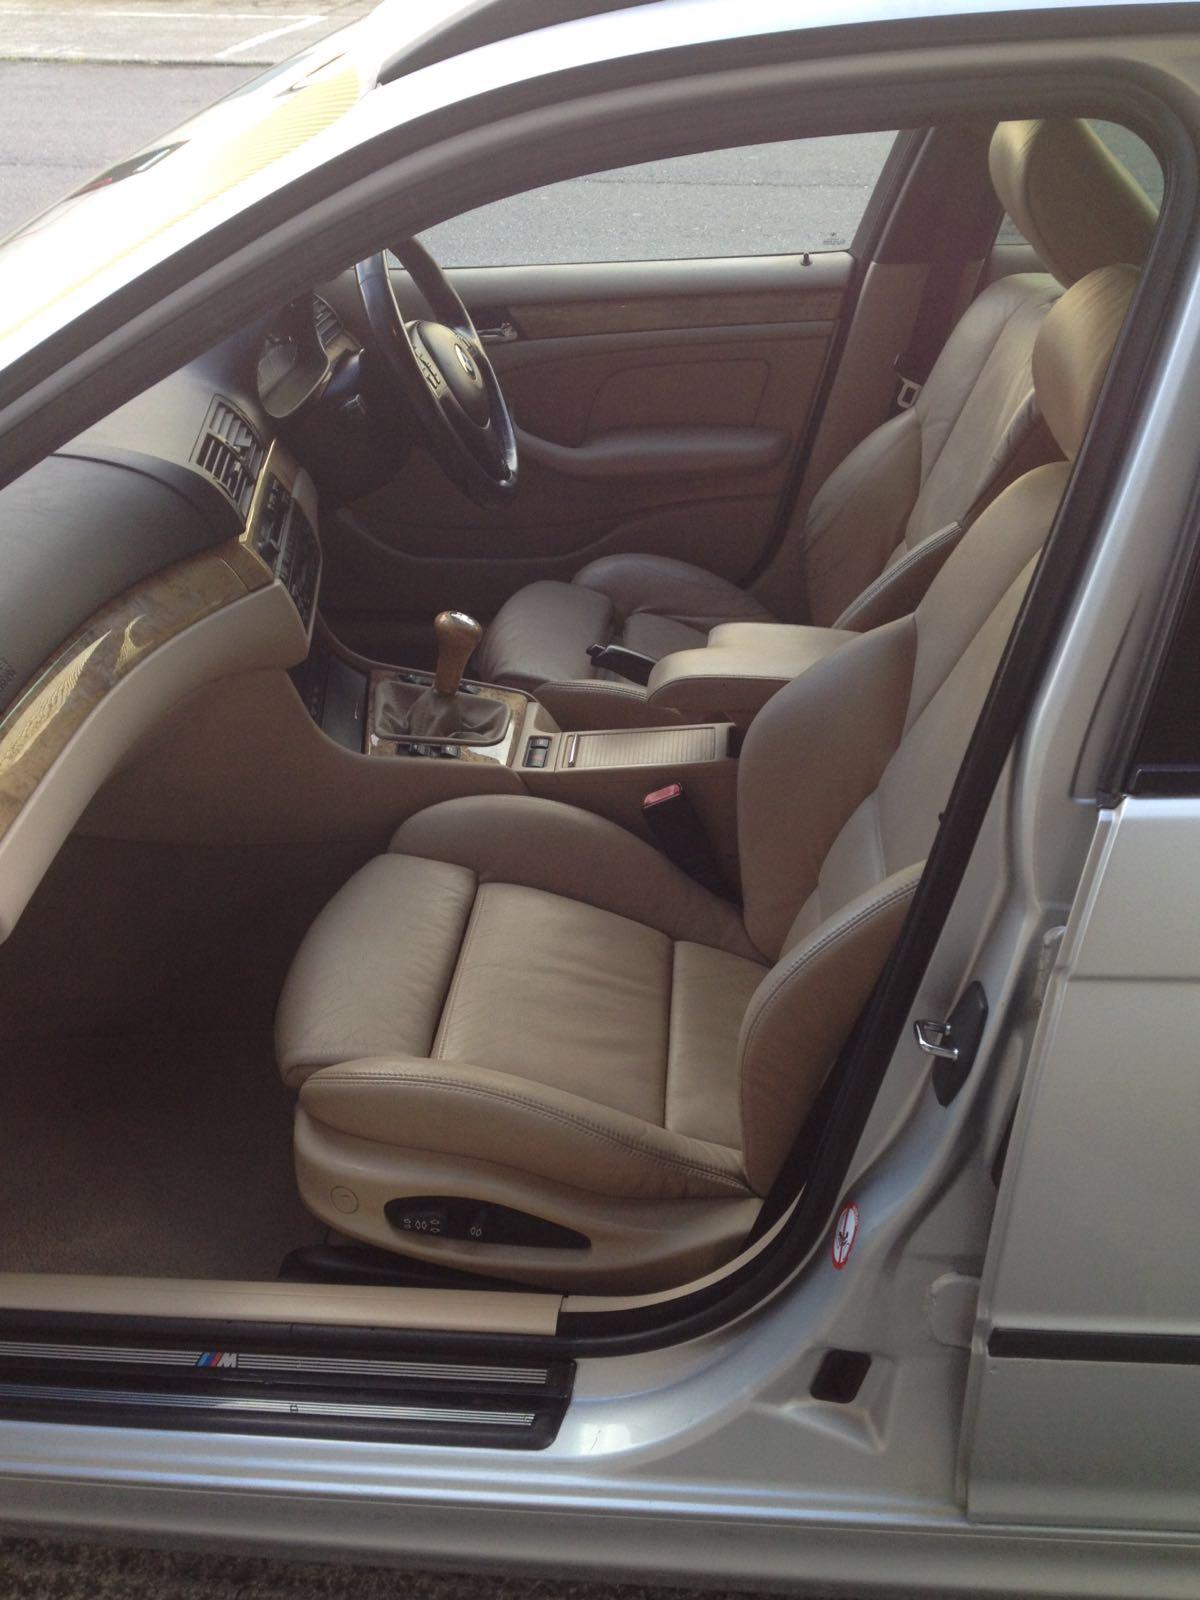 2001 E46 325i Touring Bmw Driver Net Forums